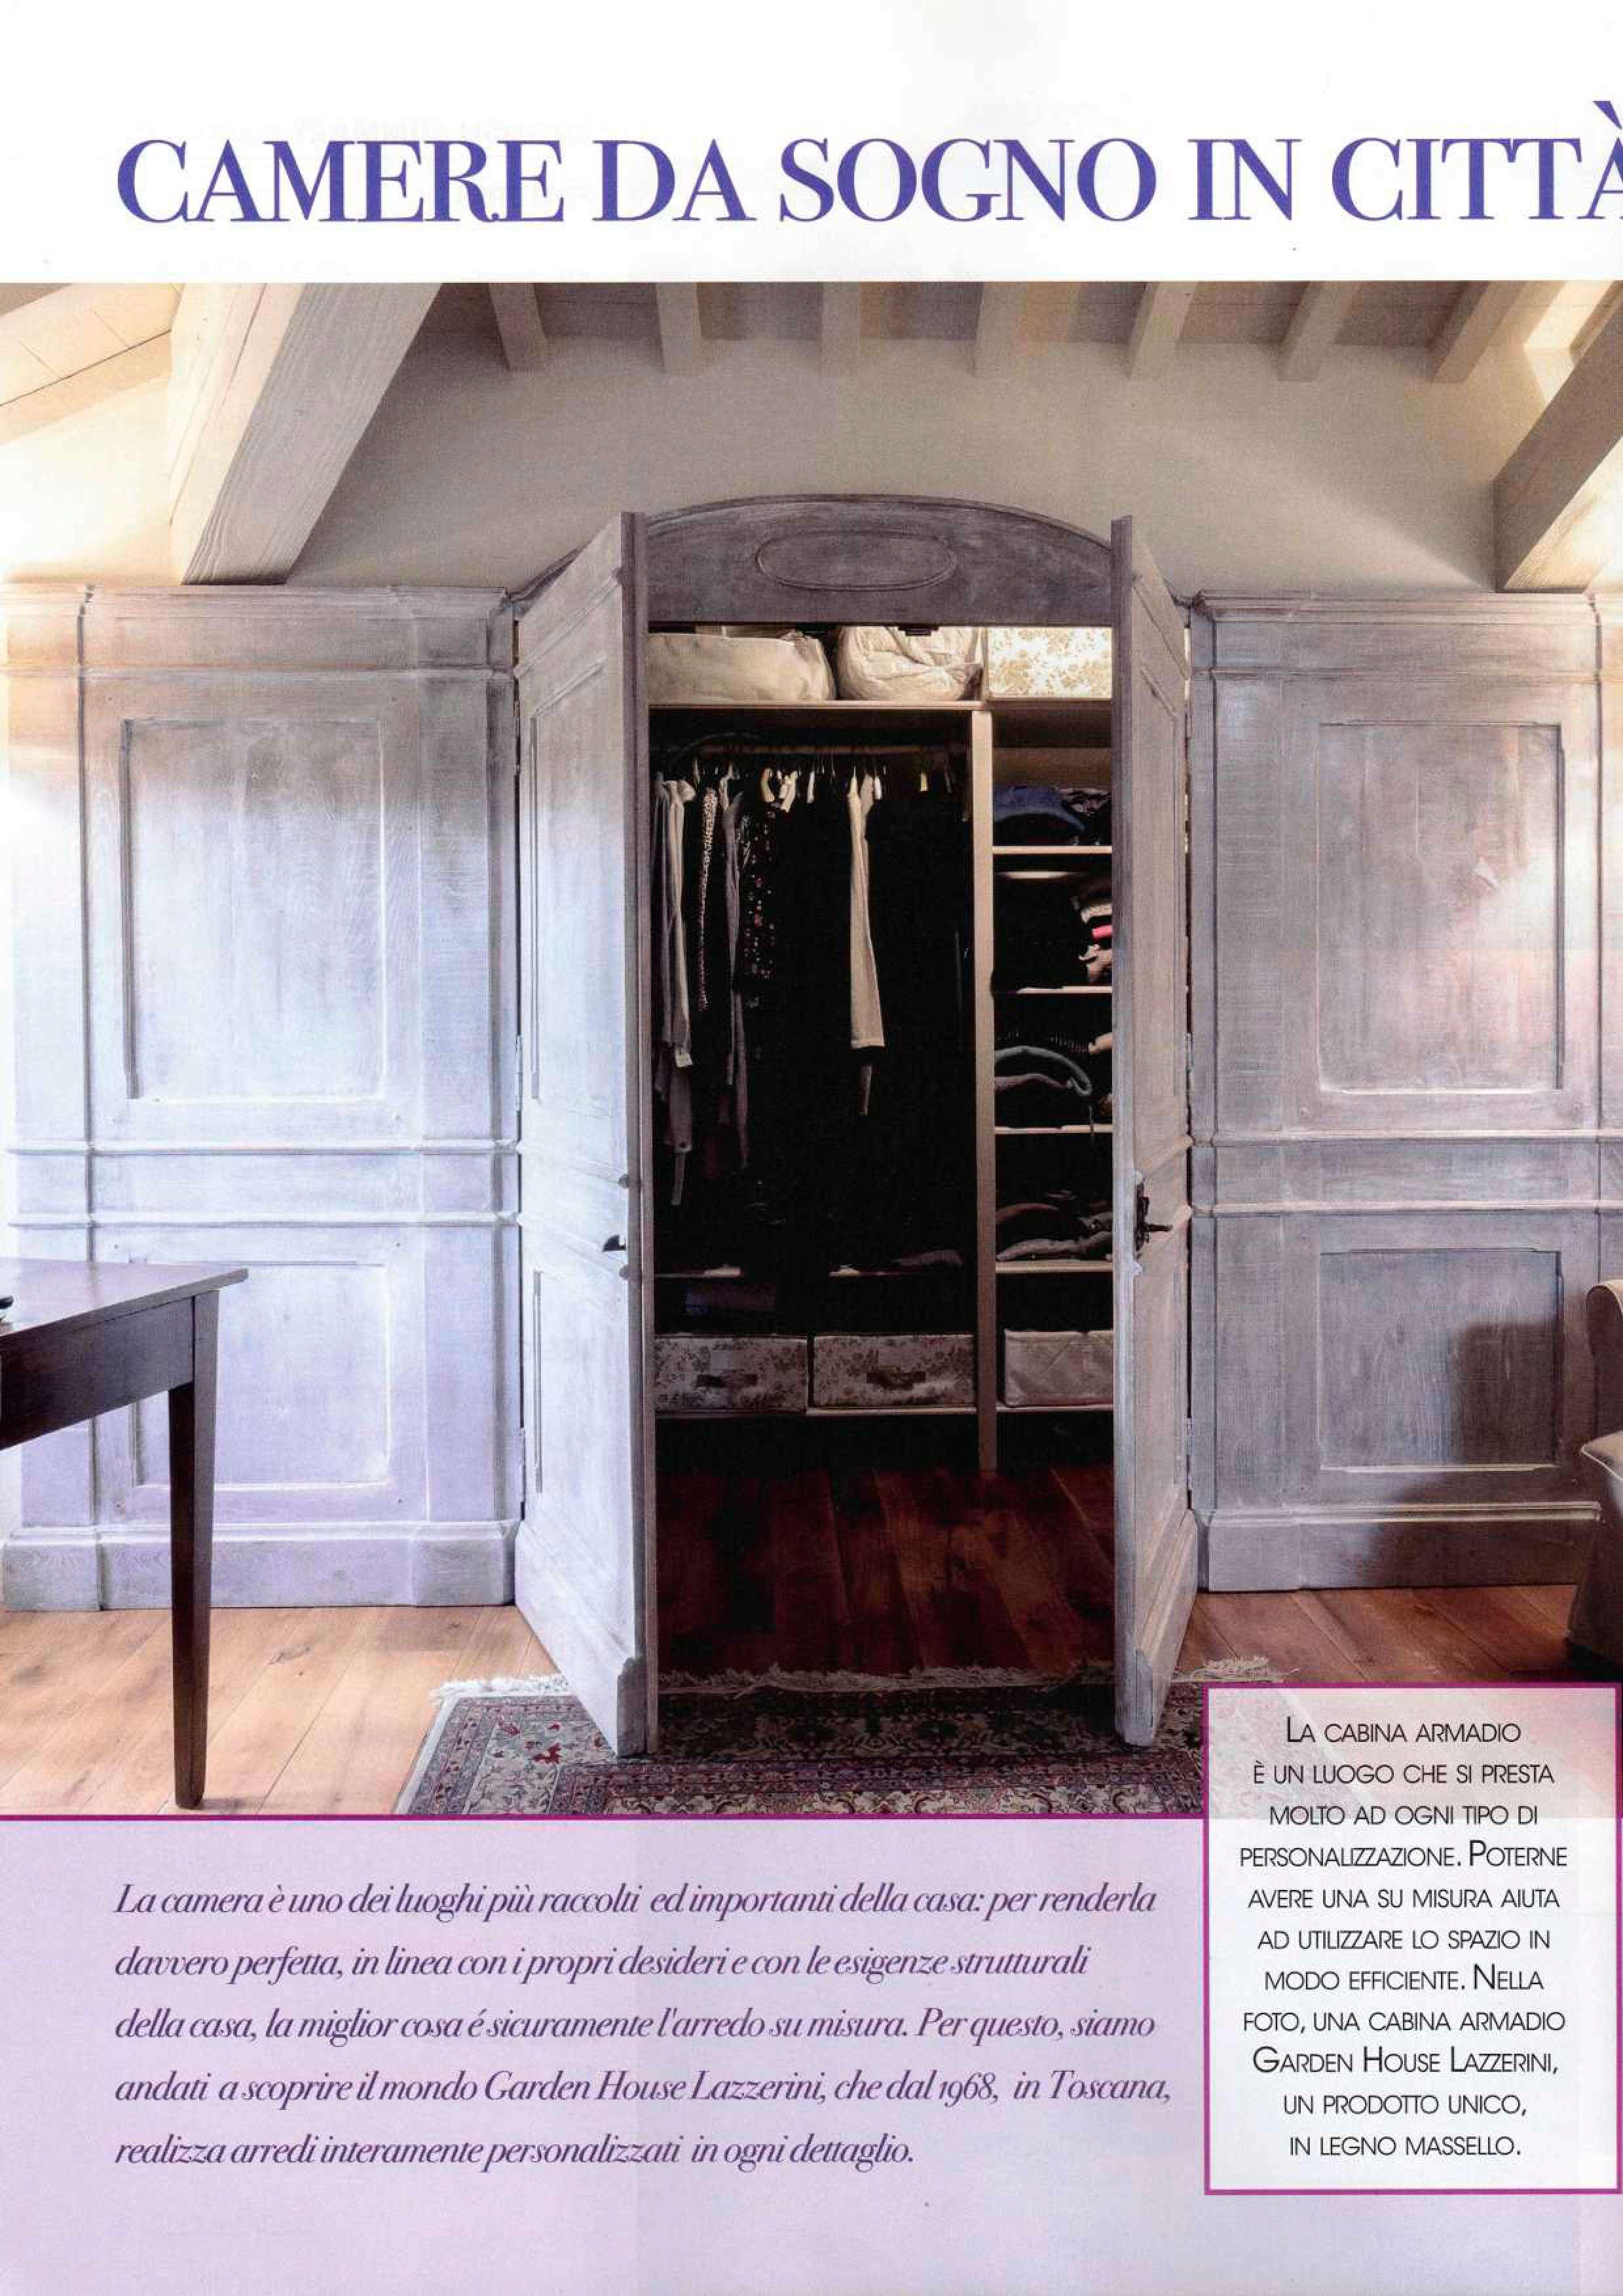 Arredamento Per Casali ville e casali archivi - garden house lazzerini